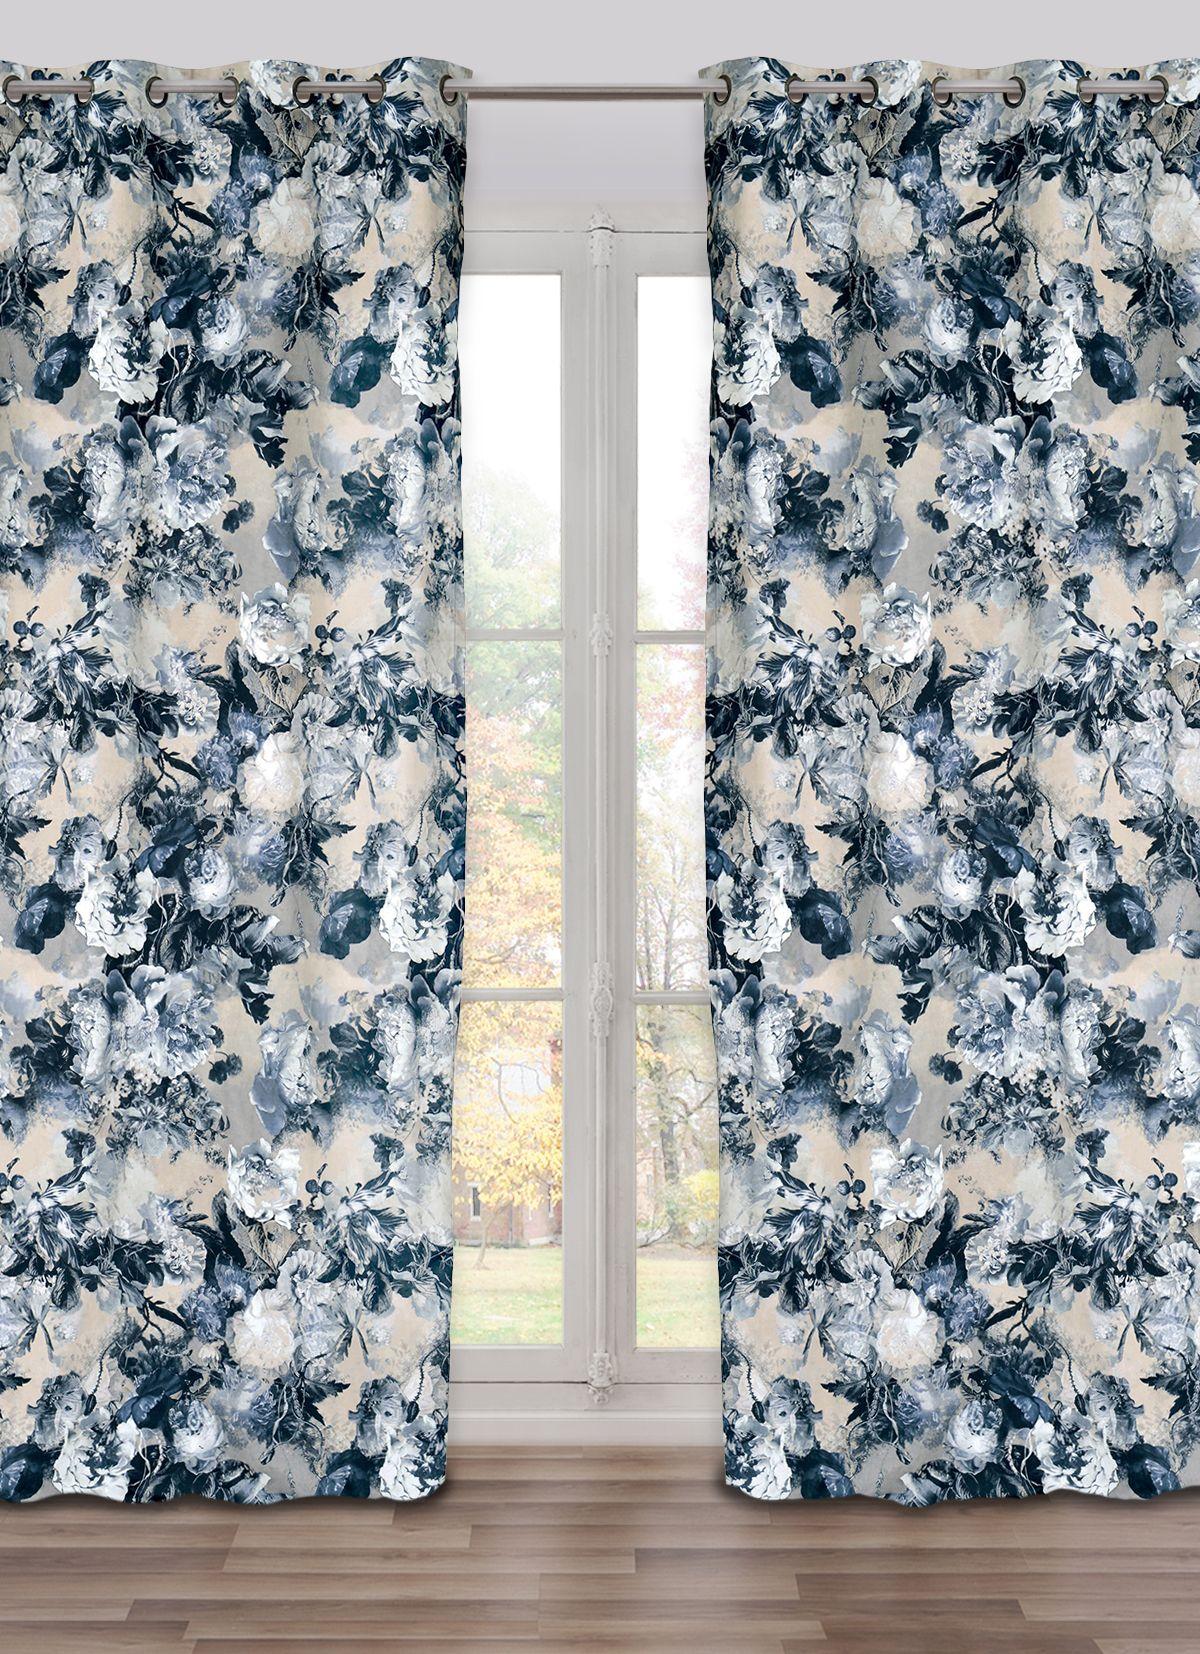 Tissu Jean Paul Gaultier jean paul gaultier - fully lined curtain brasse sable in